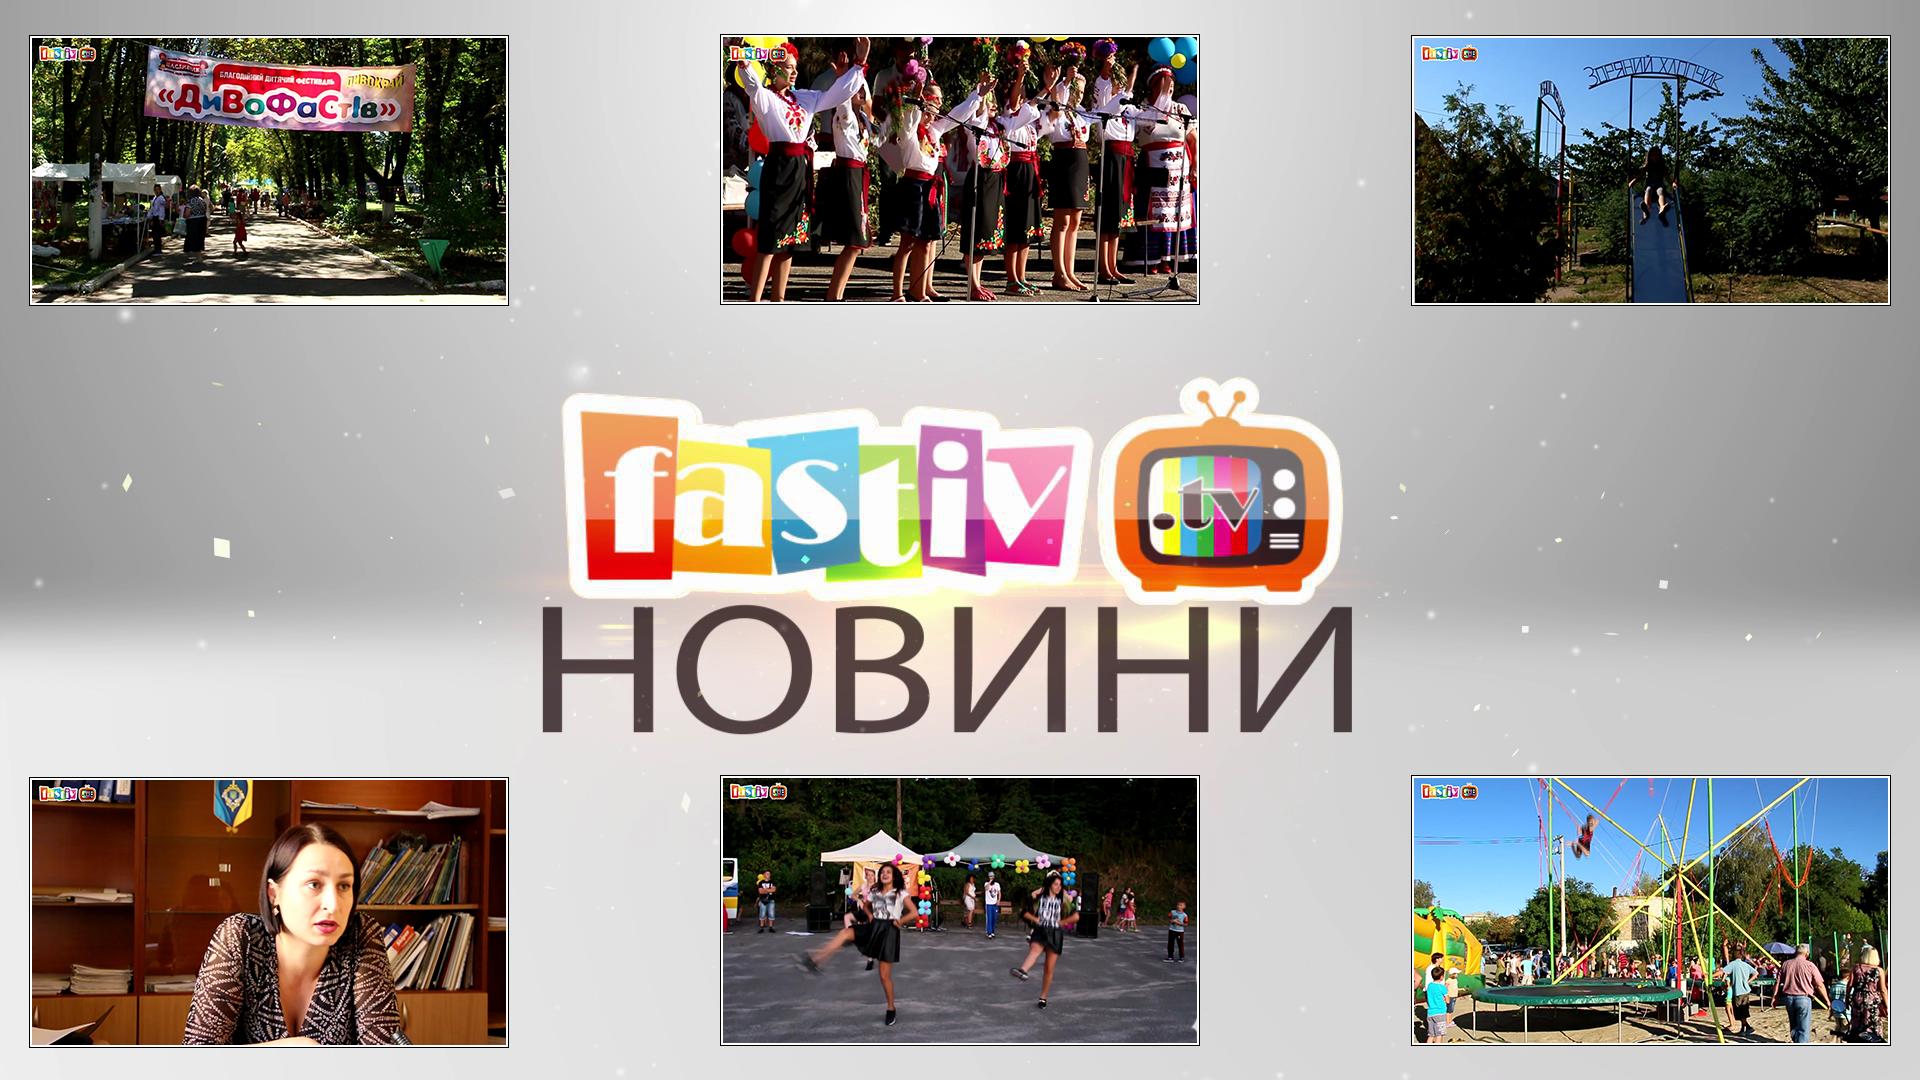 Новини_ЗАставка 04.09.2016